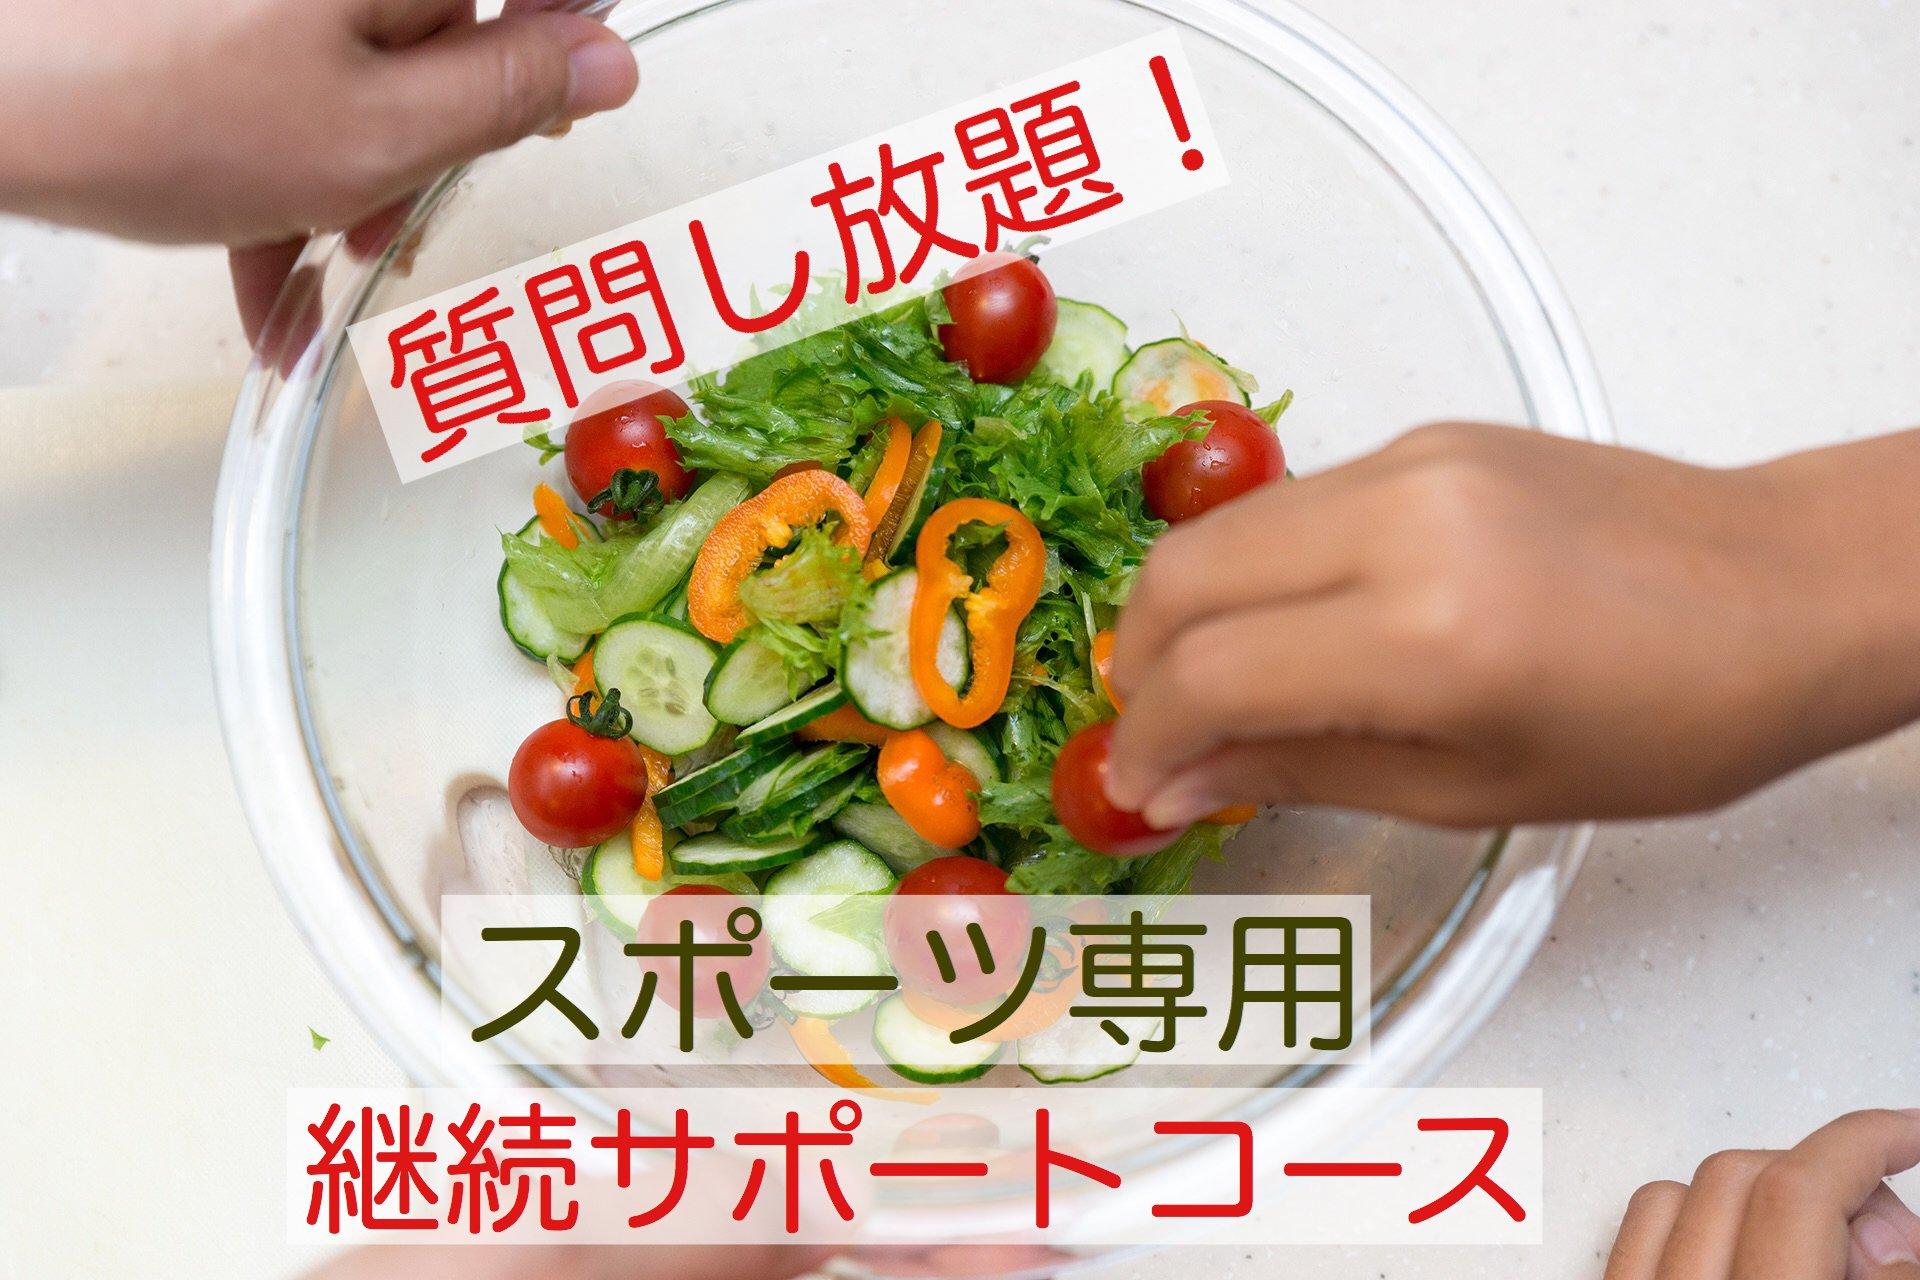 【スポーツ専用・質問し放題!】食事継続サポートコース 公式line使用のイメージその1